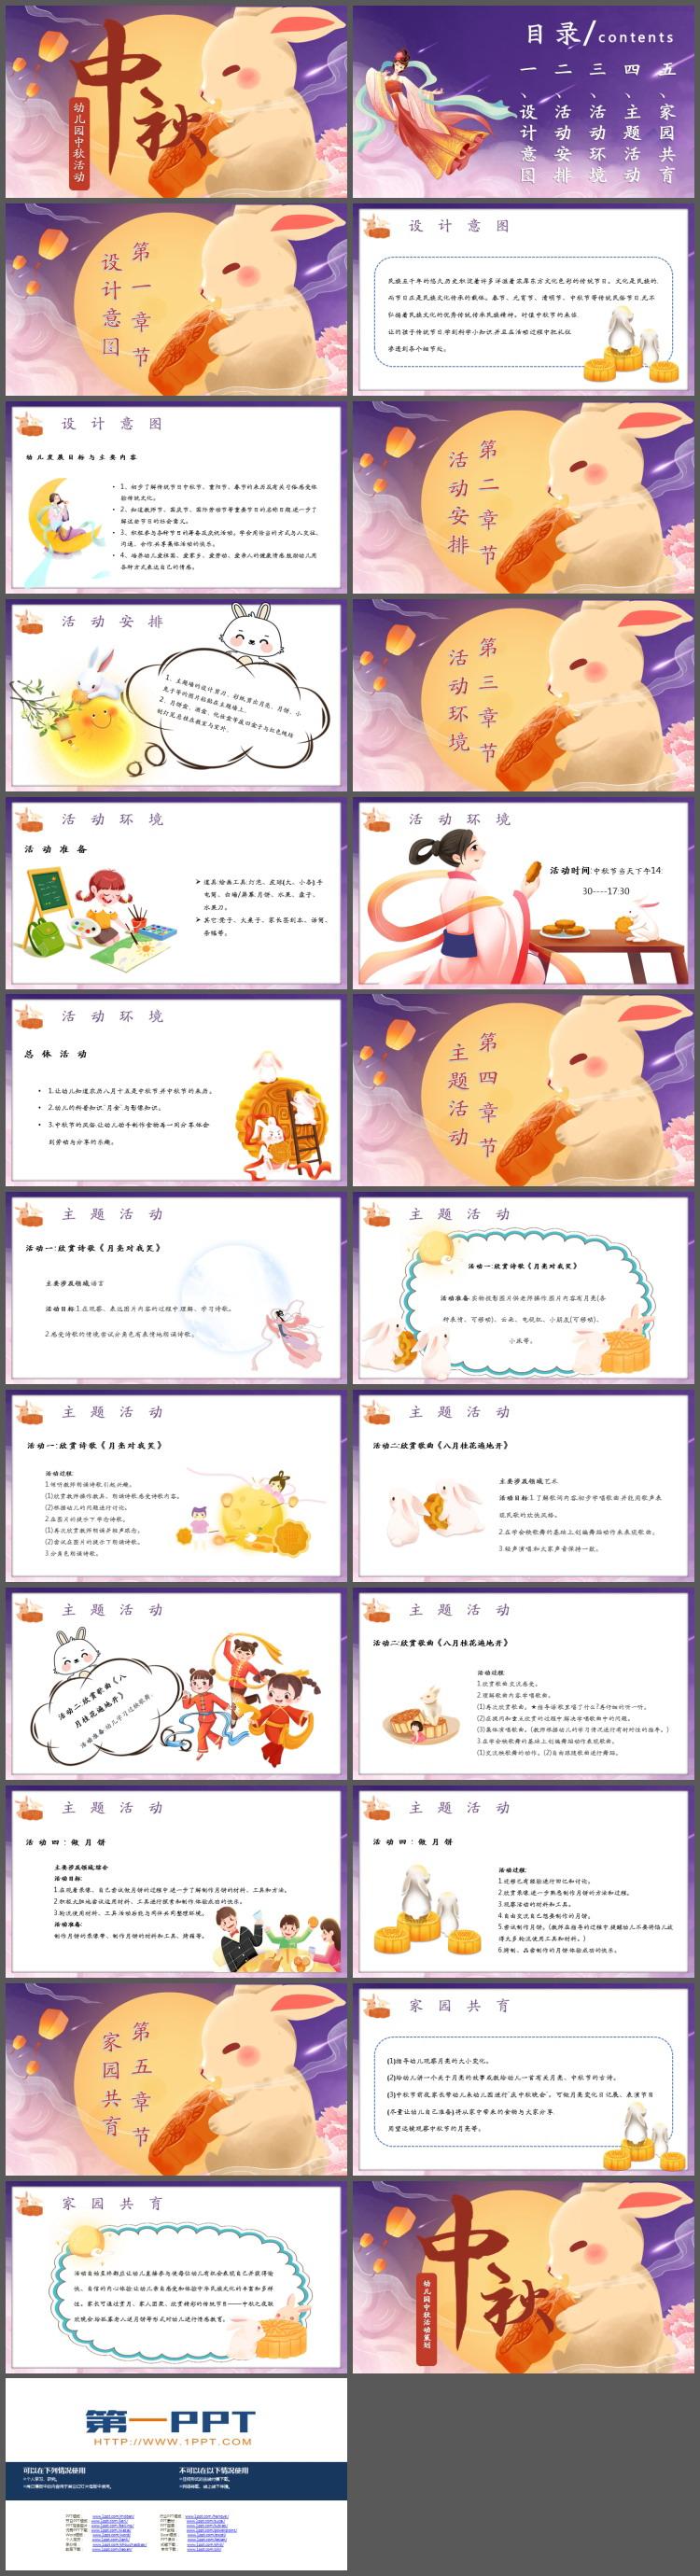 萌萌哒小兔子吃月饼背景幼儿园中秋节活动策划PPT模板